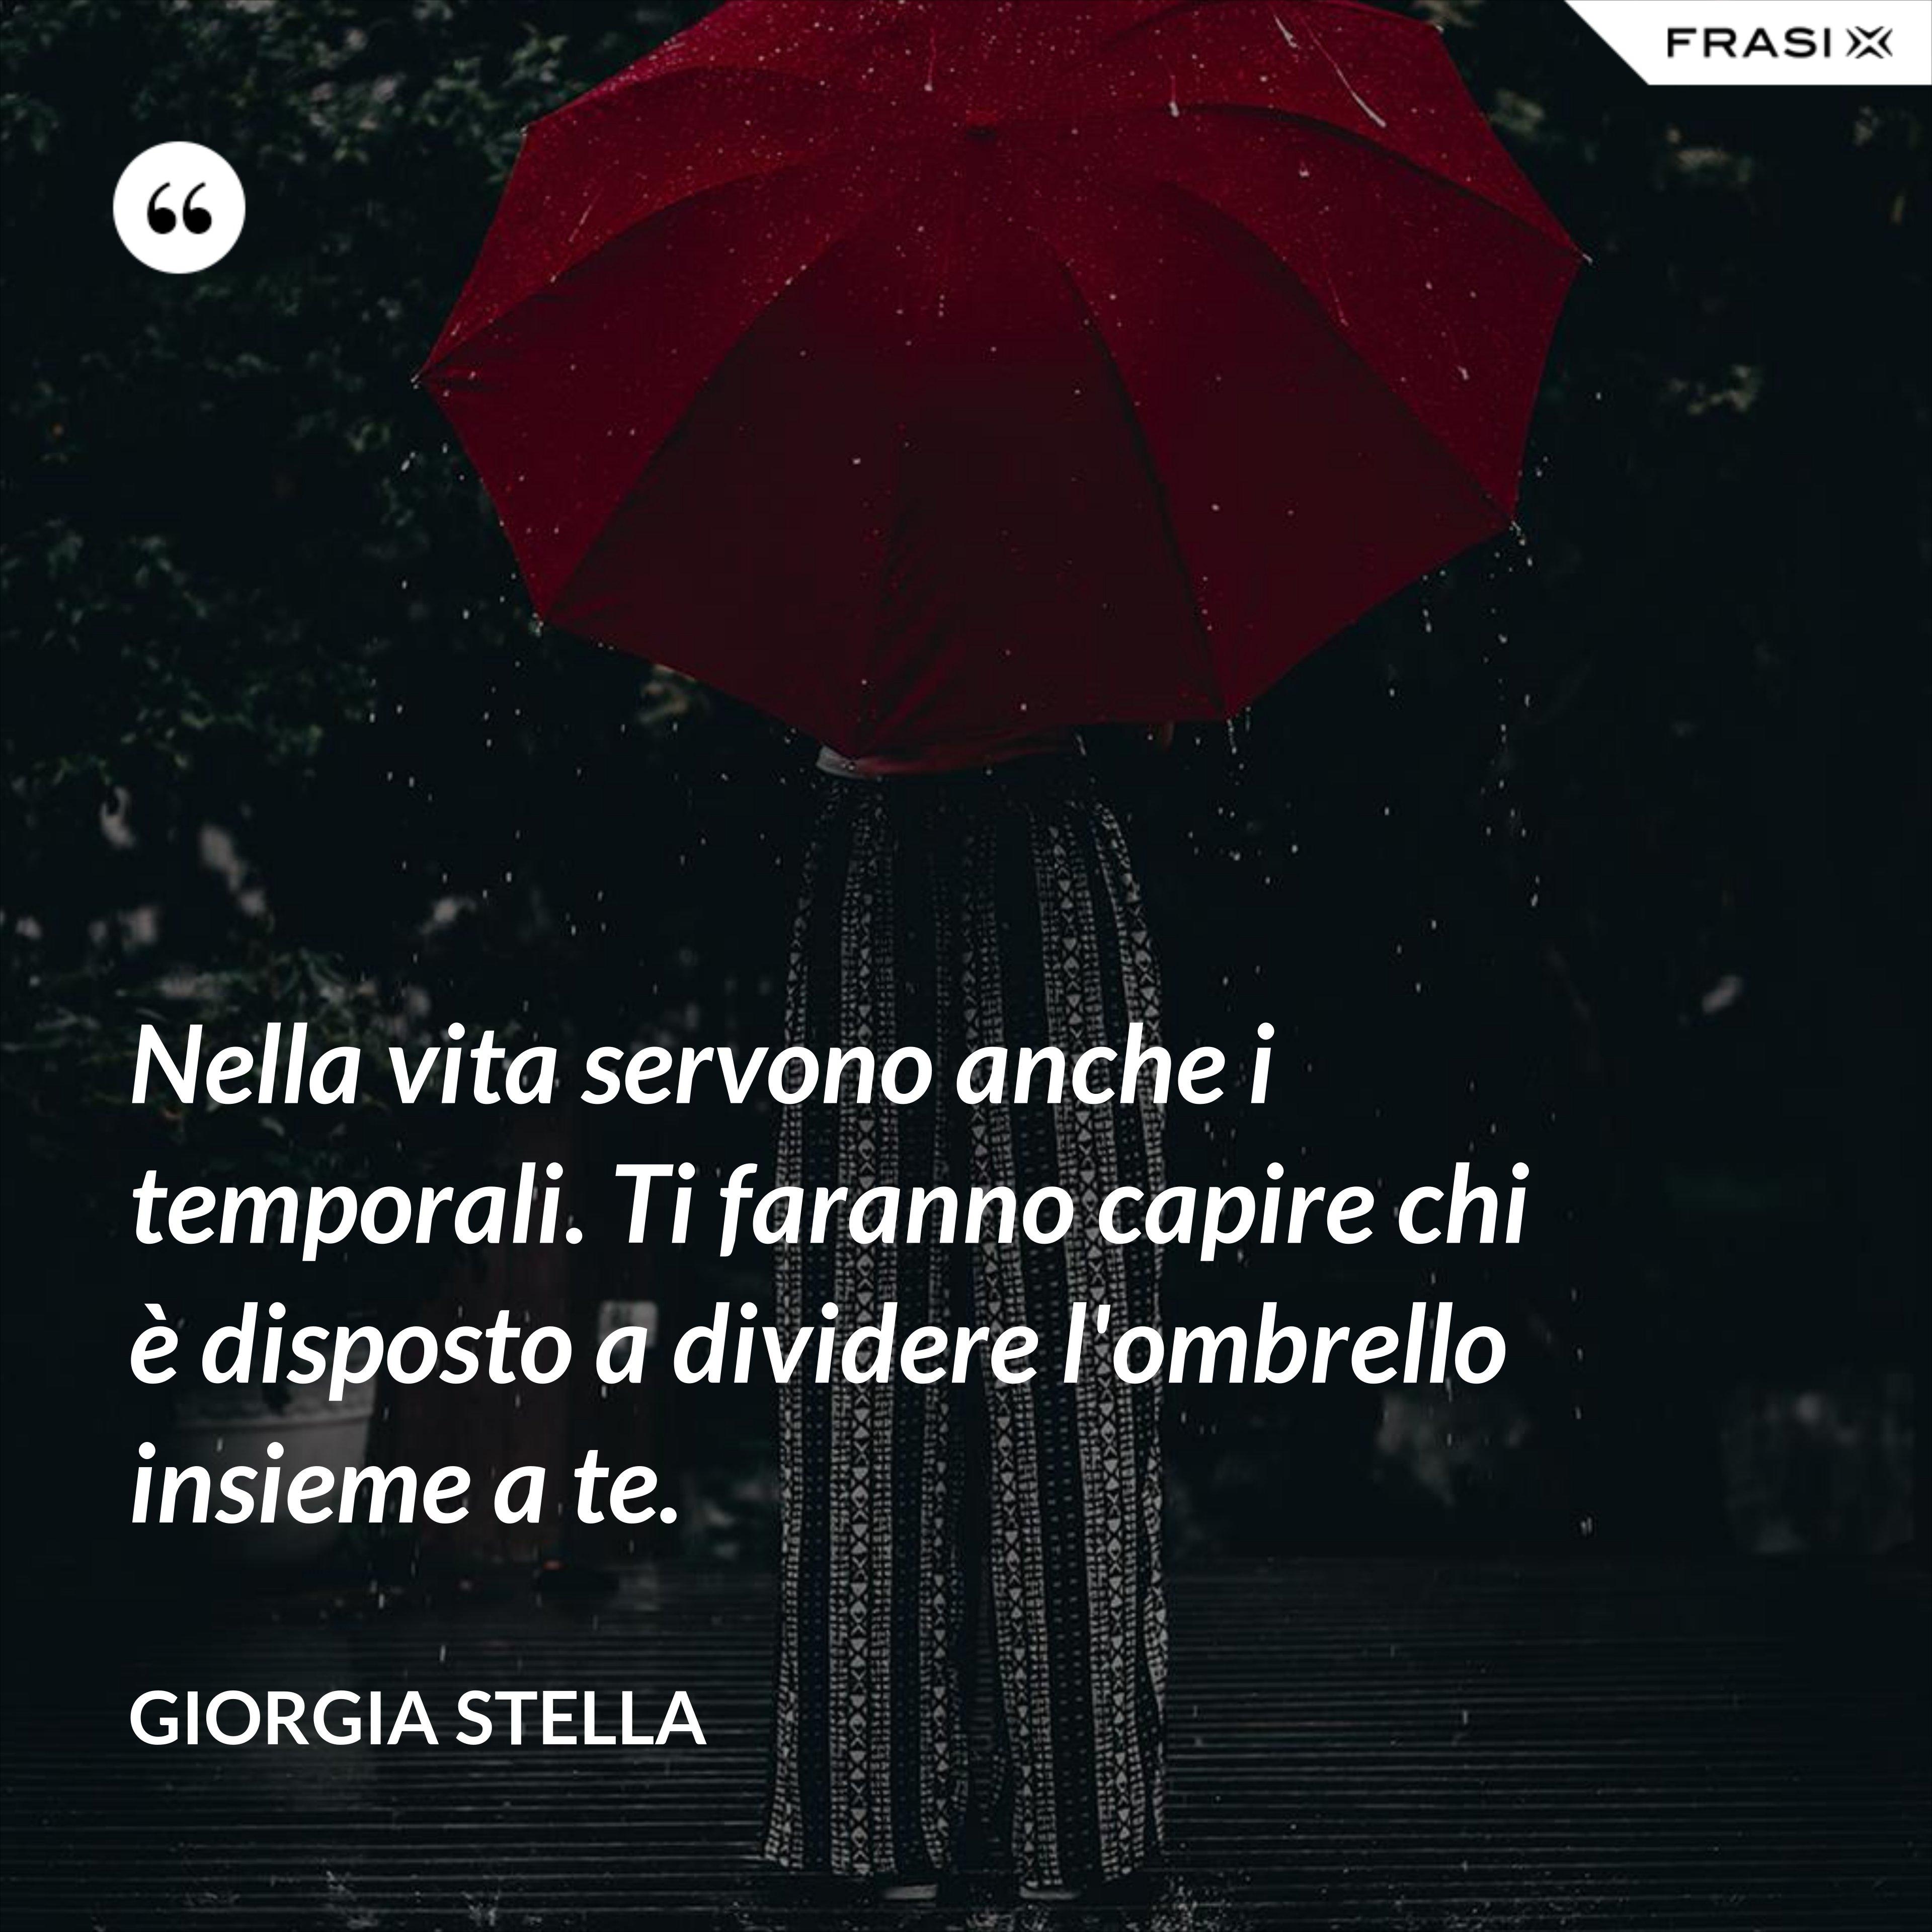 Nella vita servono anche i temporali. Ti faranno capire chi è disposto a dividere l'ombrello insieme a te. - Giorgia Stella